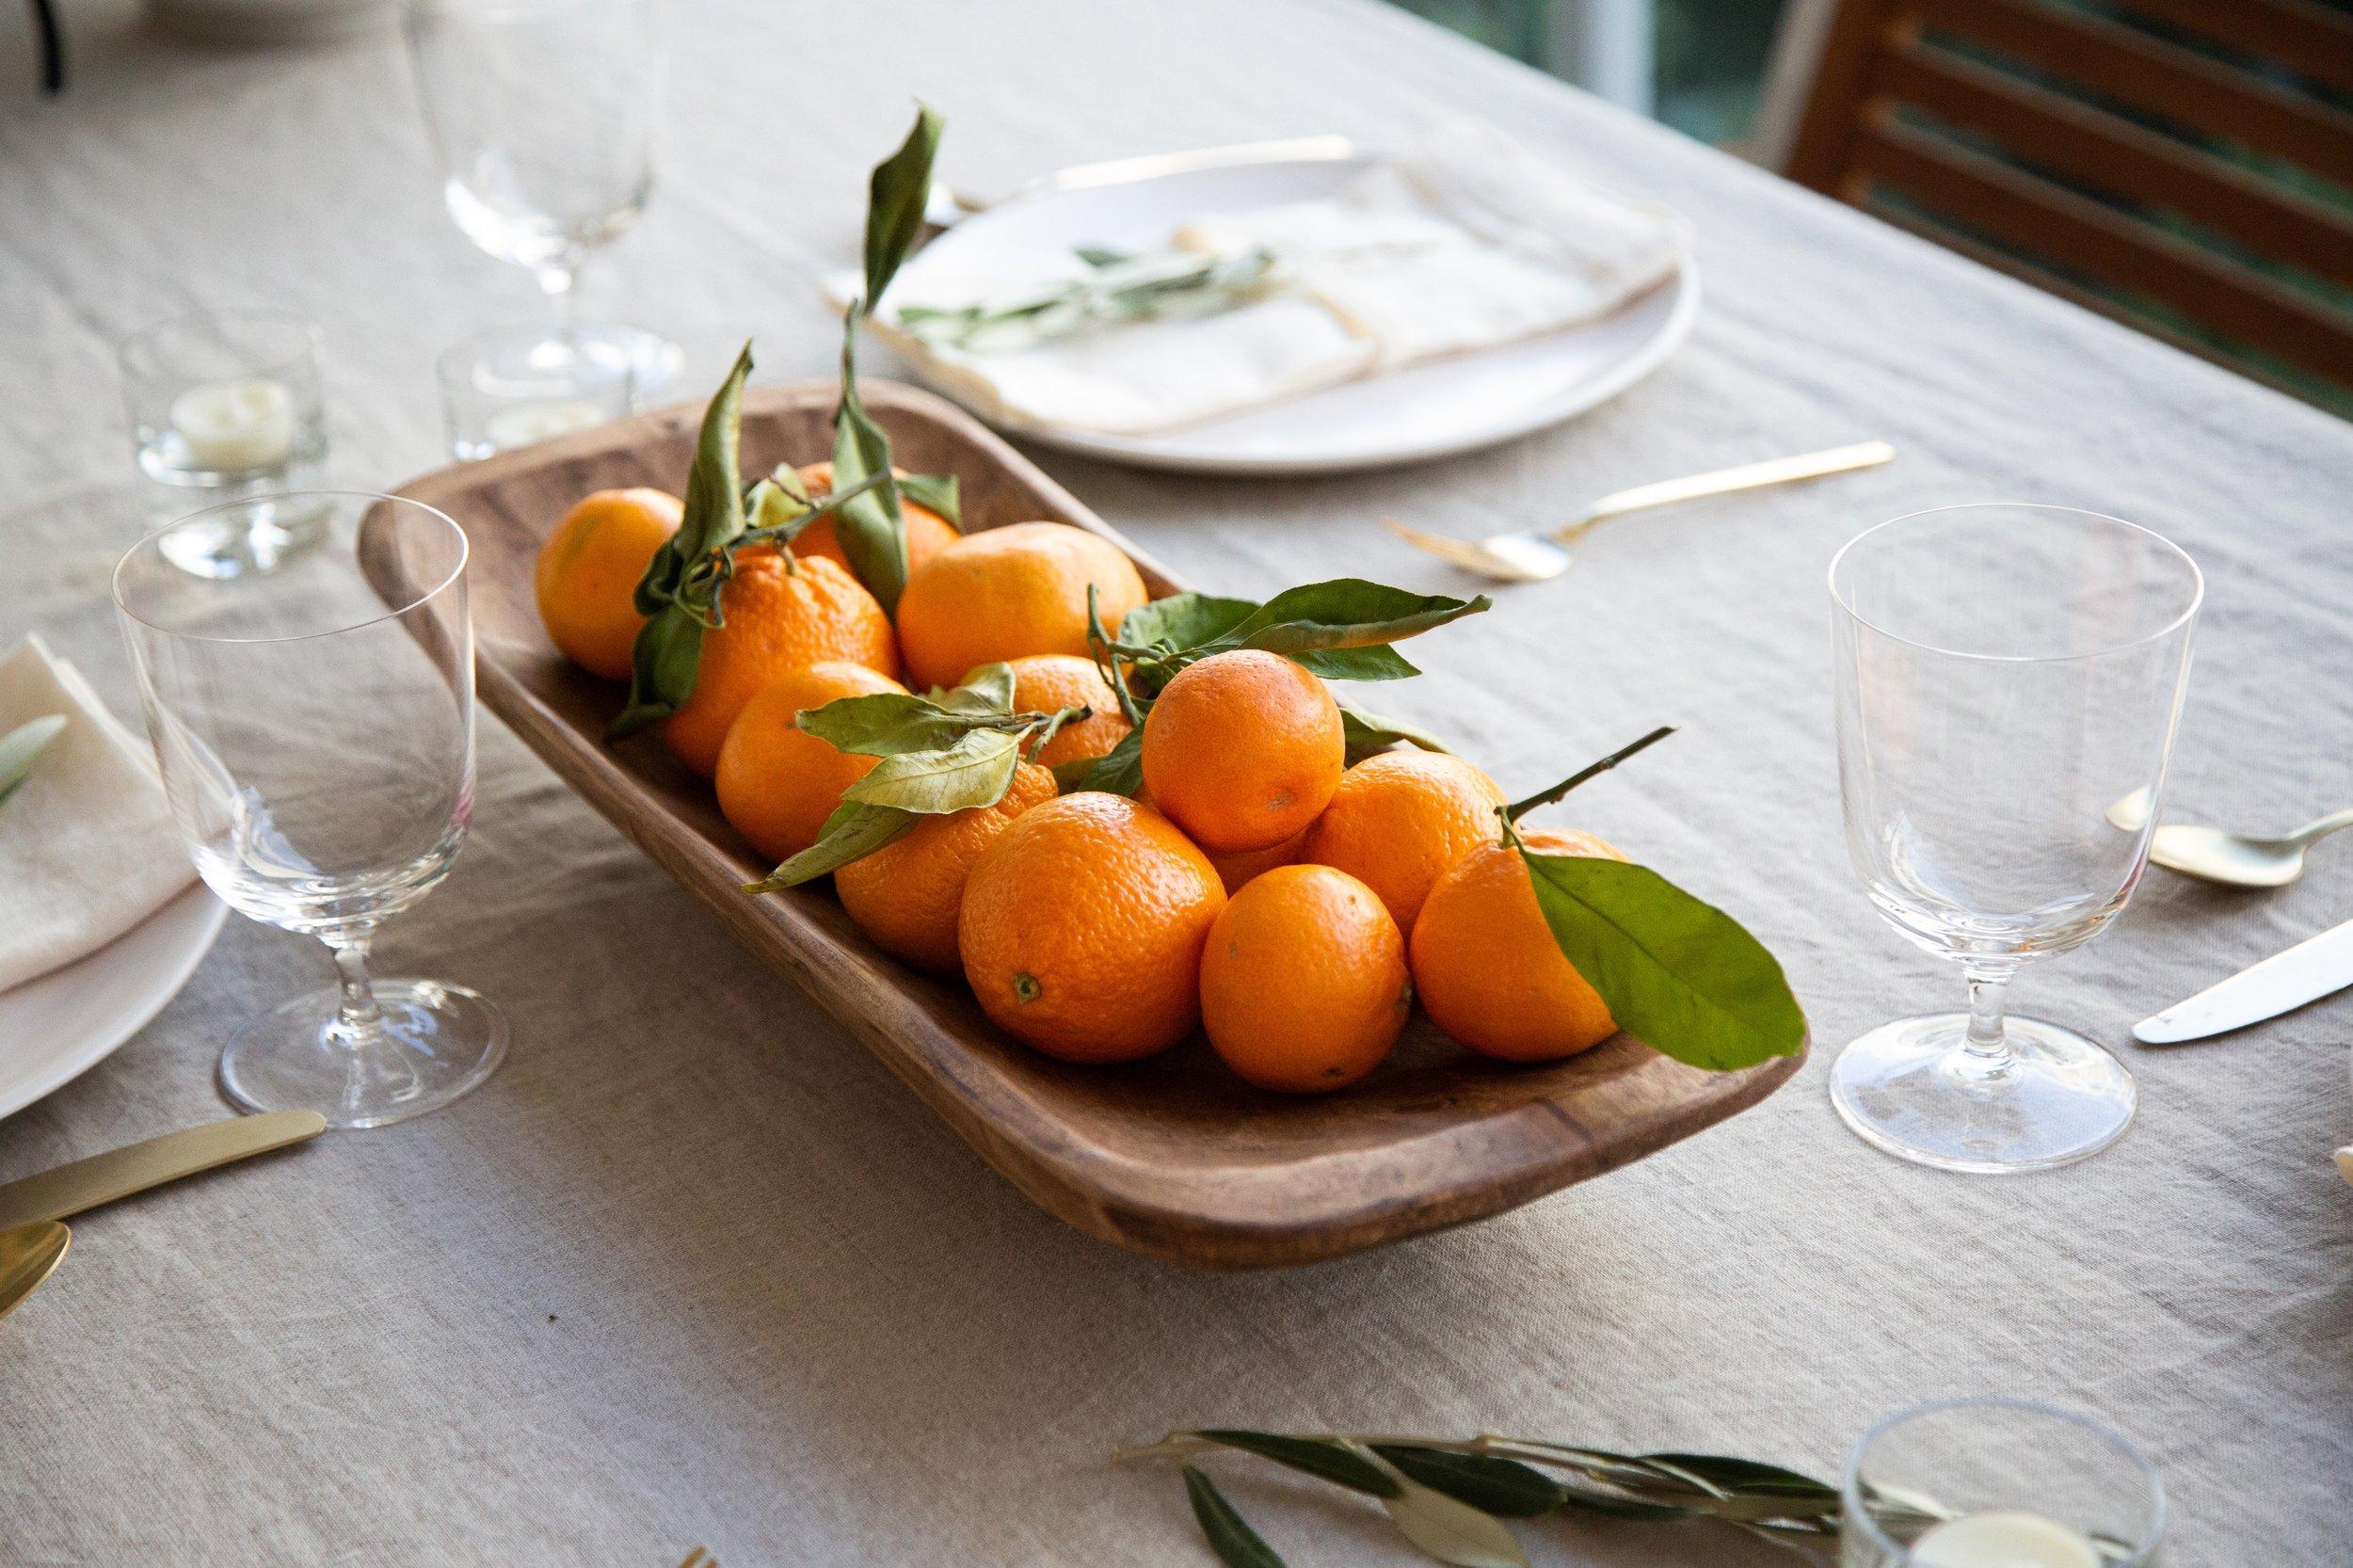 Oranges table.jpg.jpeg